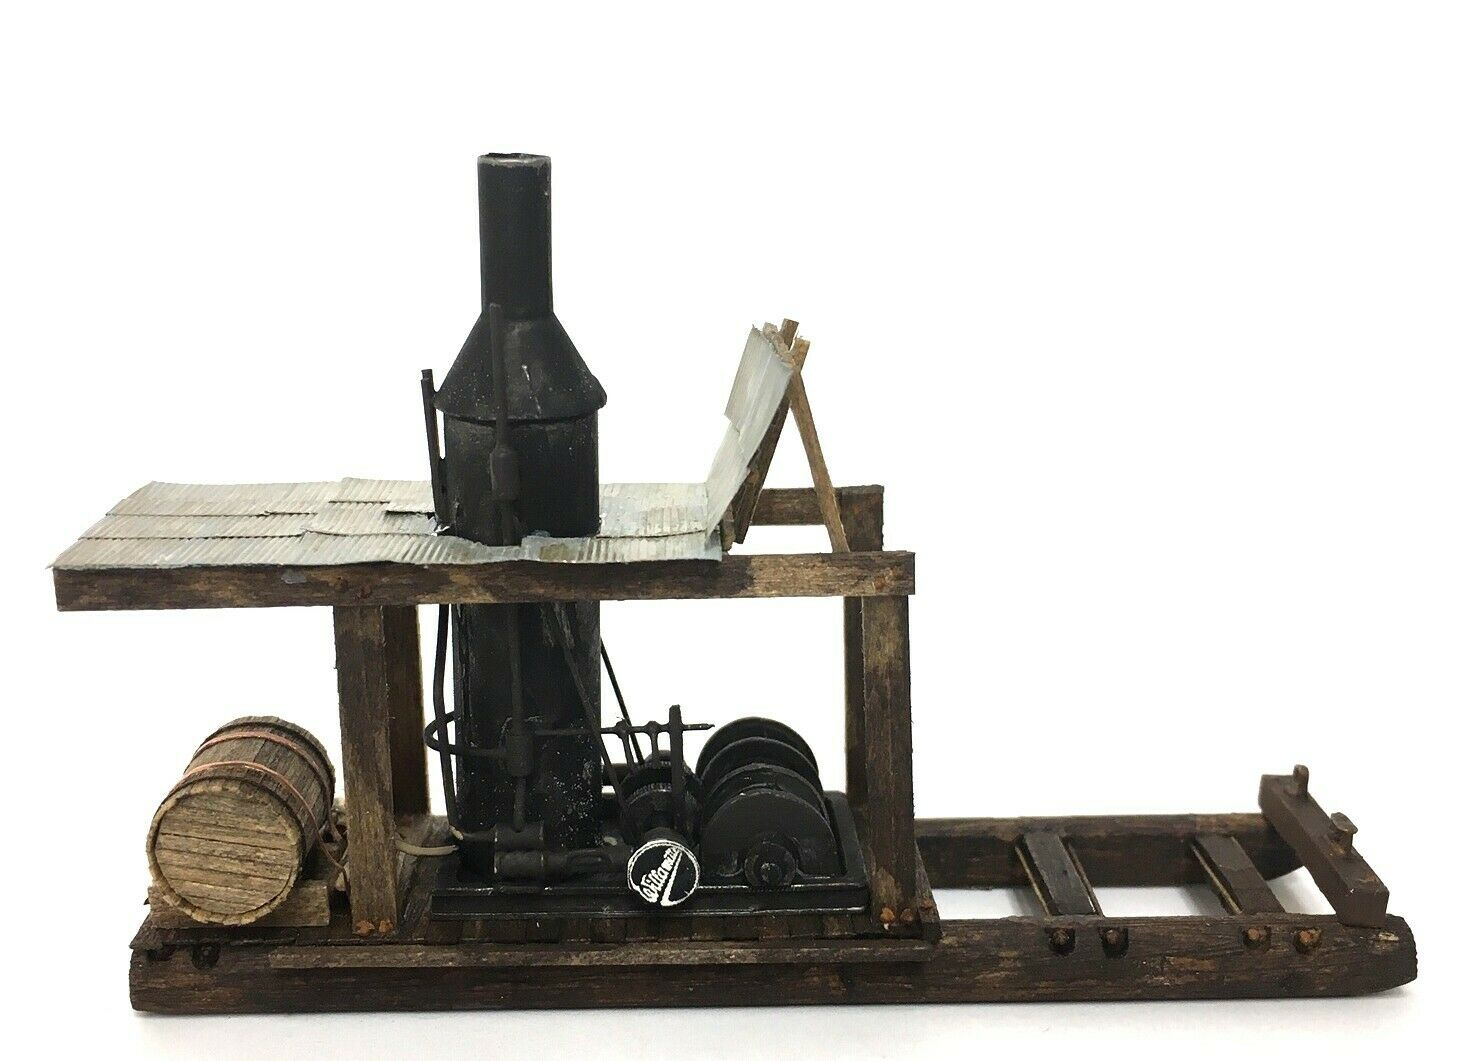 N Scale - KMP Models - N-Yarder Donkey - Structure,Industrial,Yarder Steam Donkey - Industrial Structures